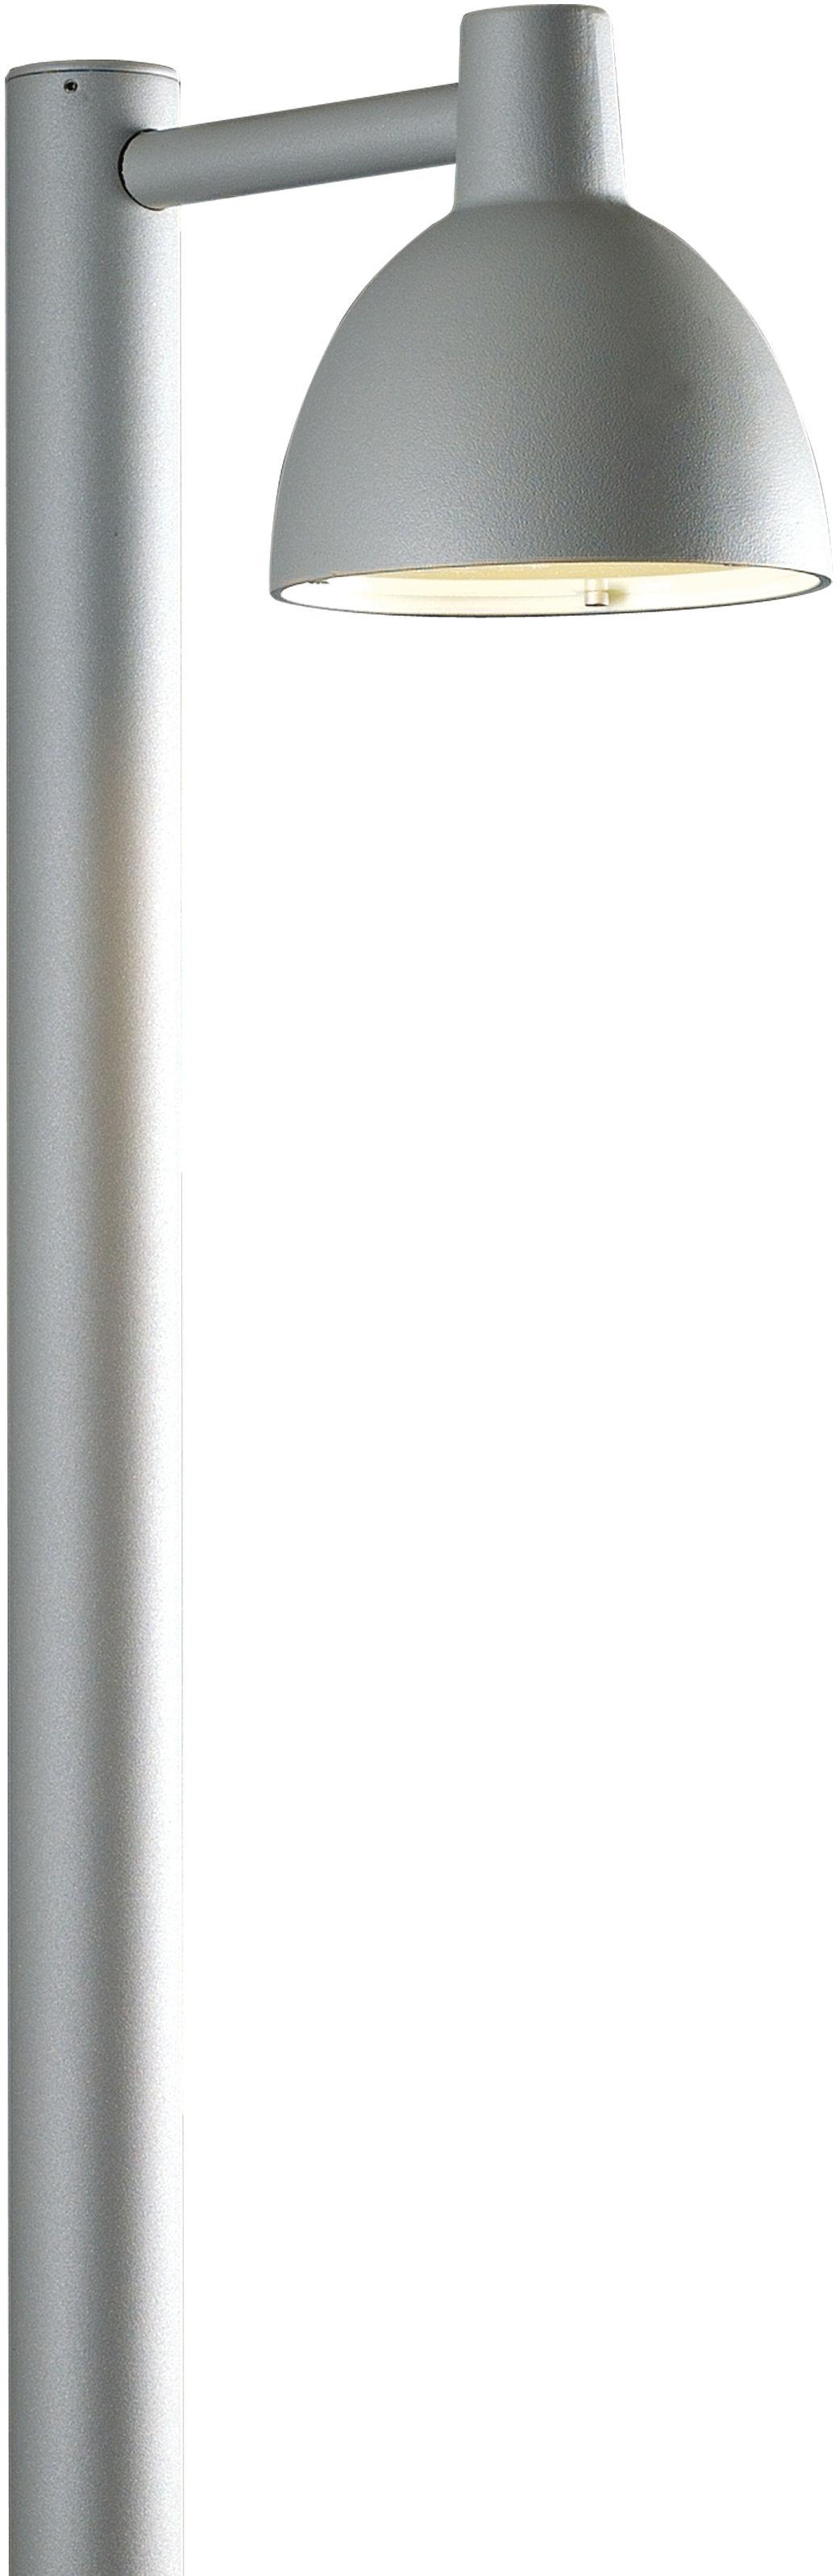 Luminaire - Luminaires d'extérieur - Borne d'éclairage Toldbod / H 90 cm - Louis Poulsen - Aluminium - Aluminium